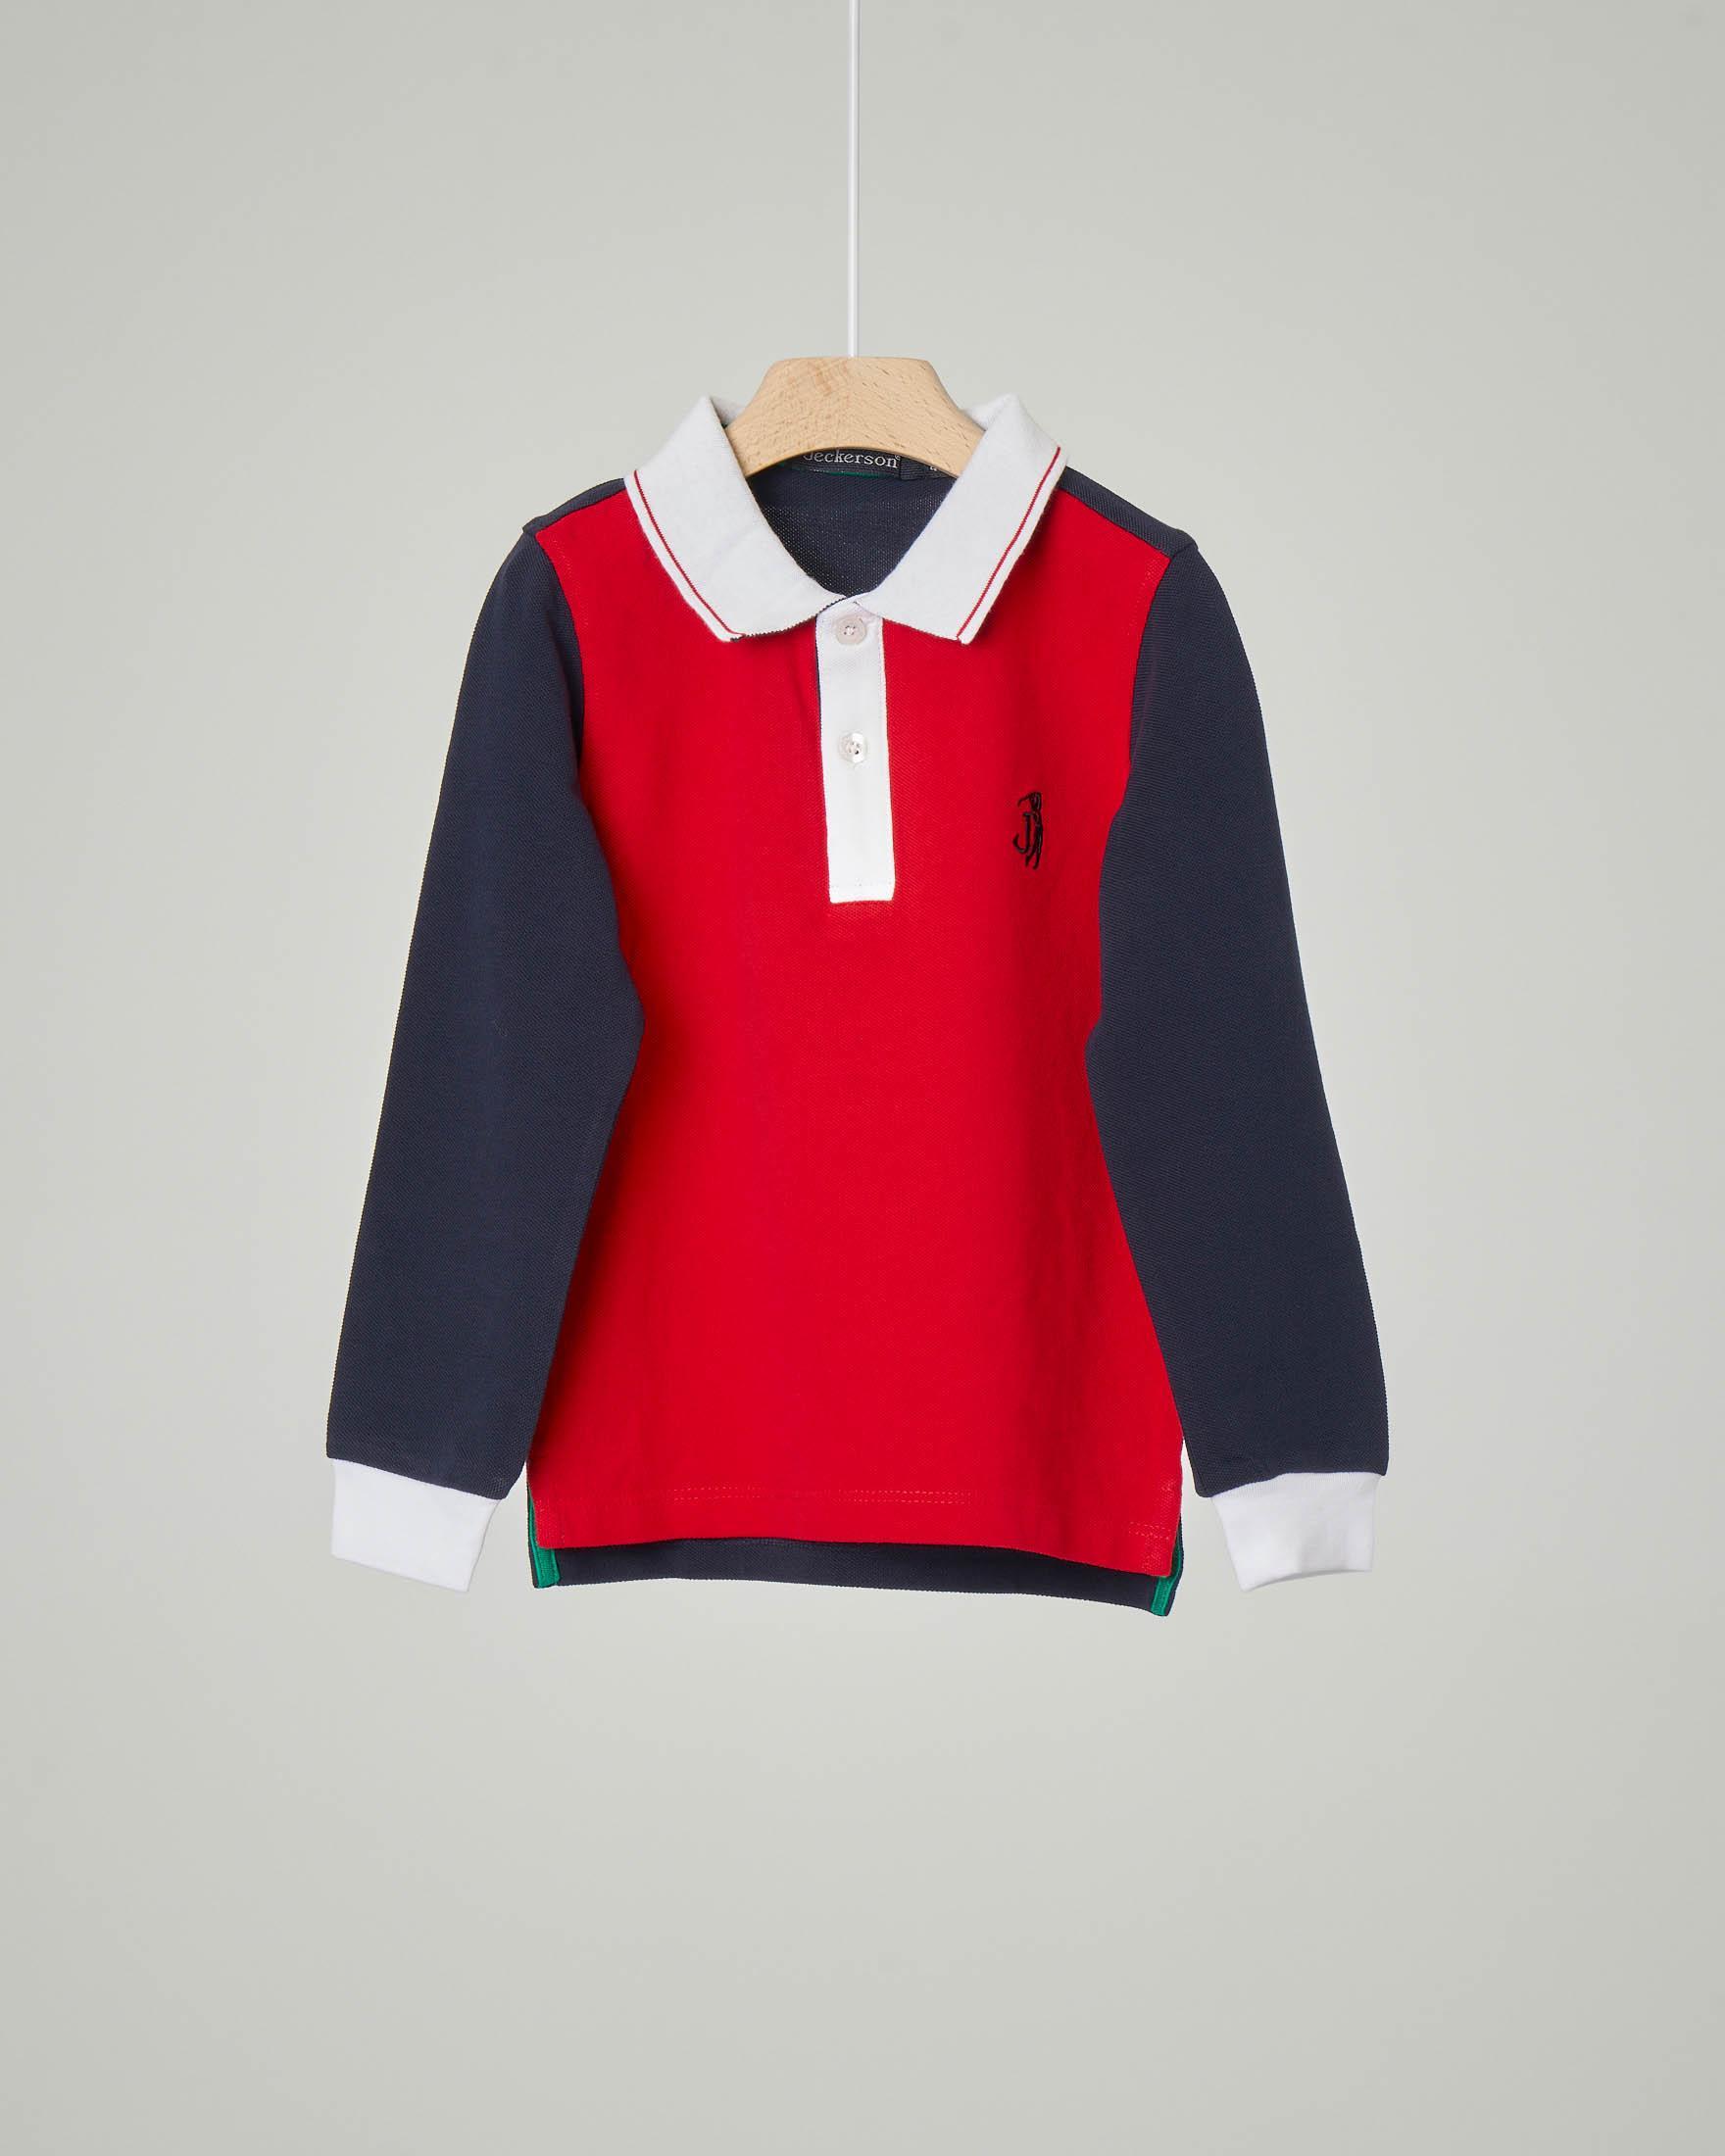 Polo rossa e blu con colletto e polsi bianchi a manica lunga 4-7 anni